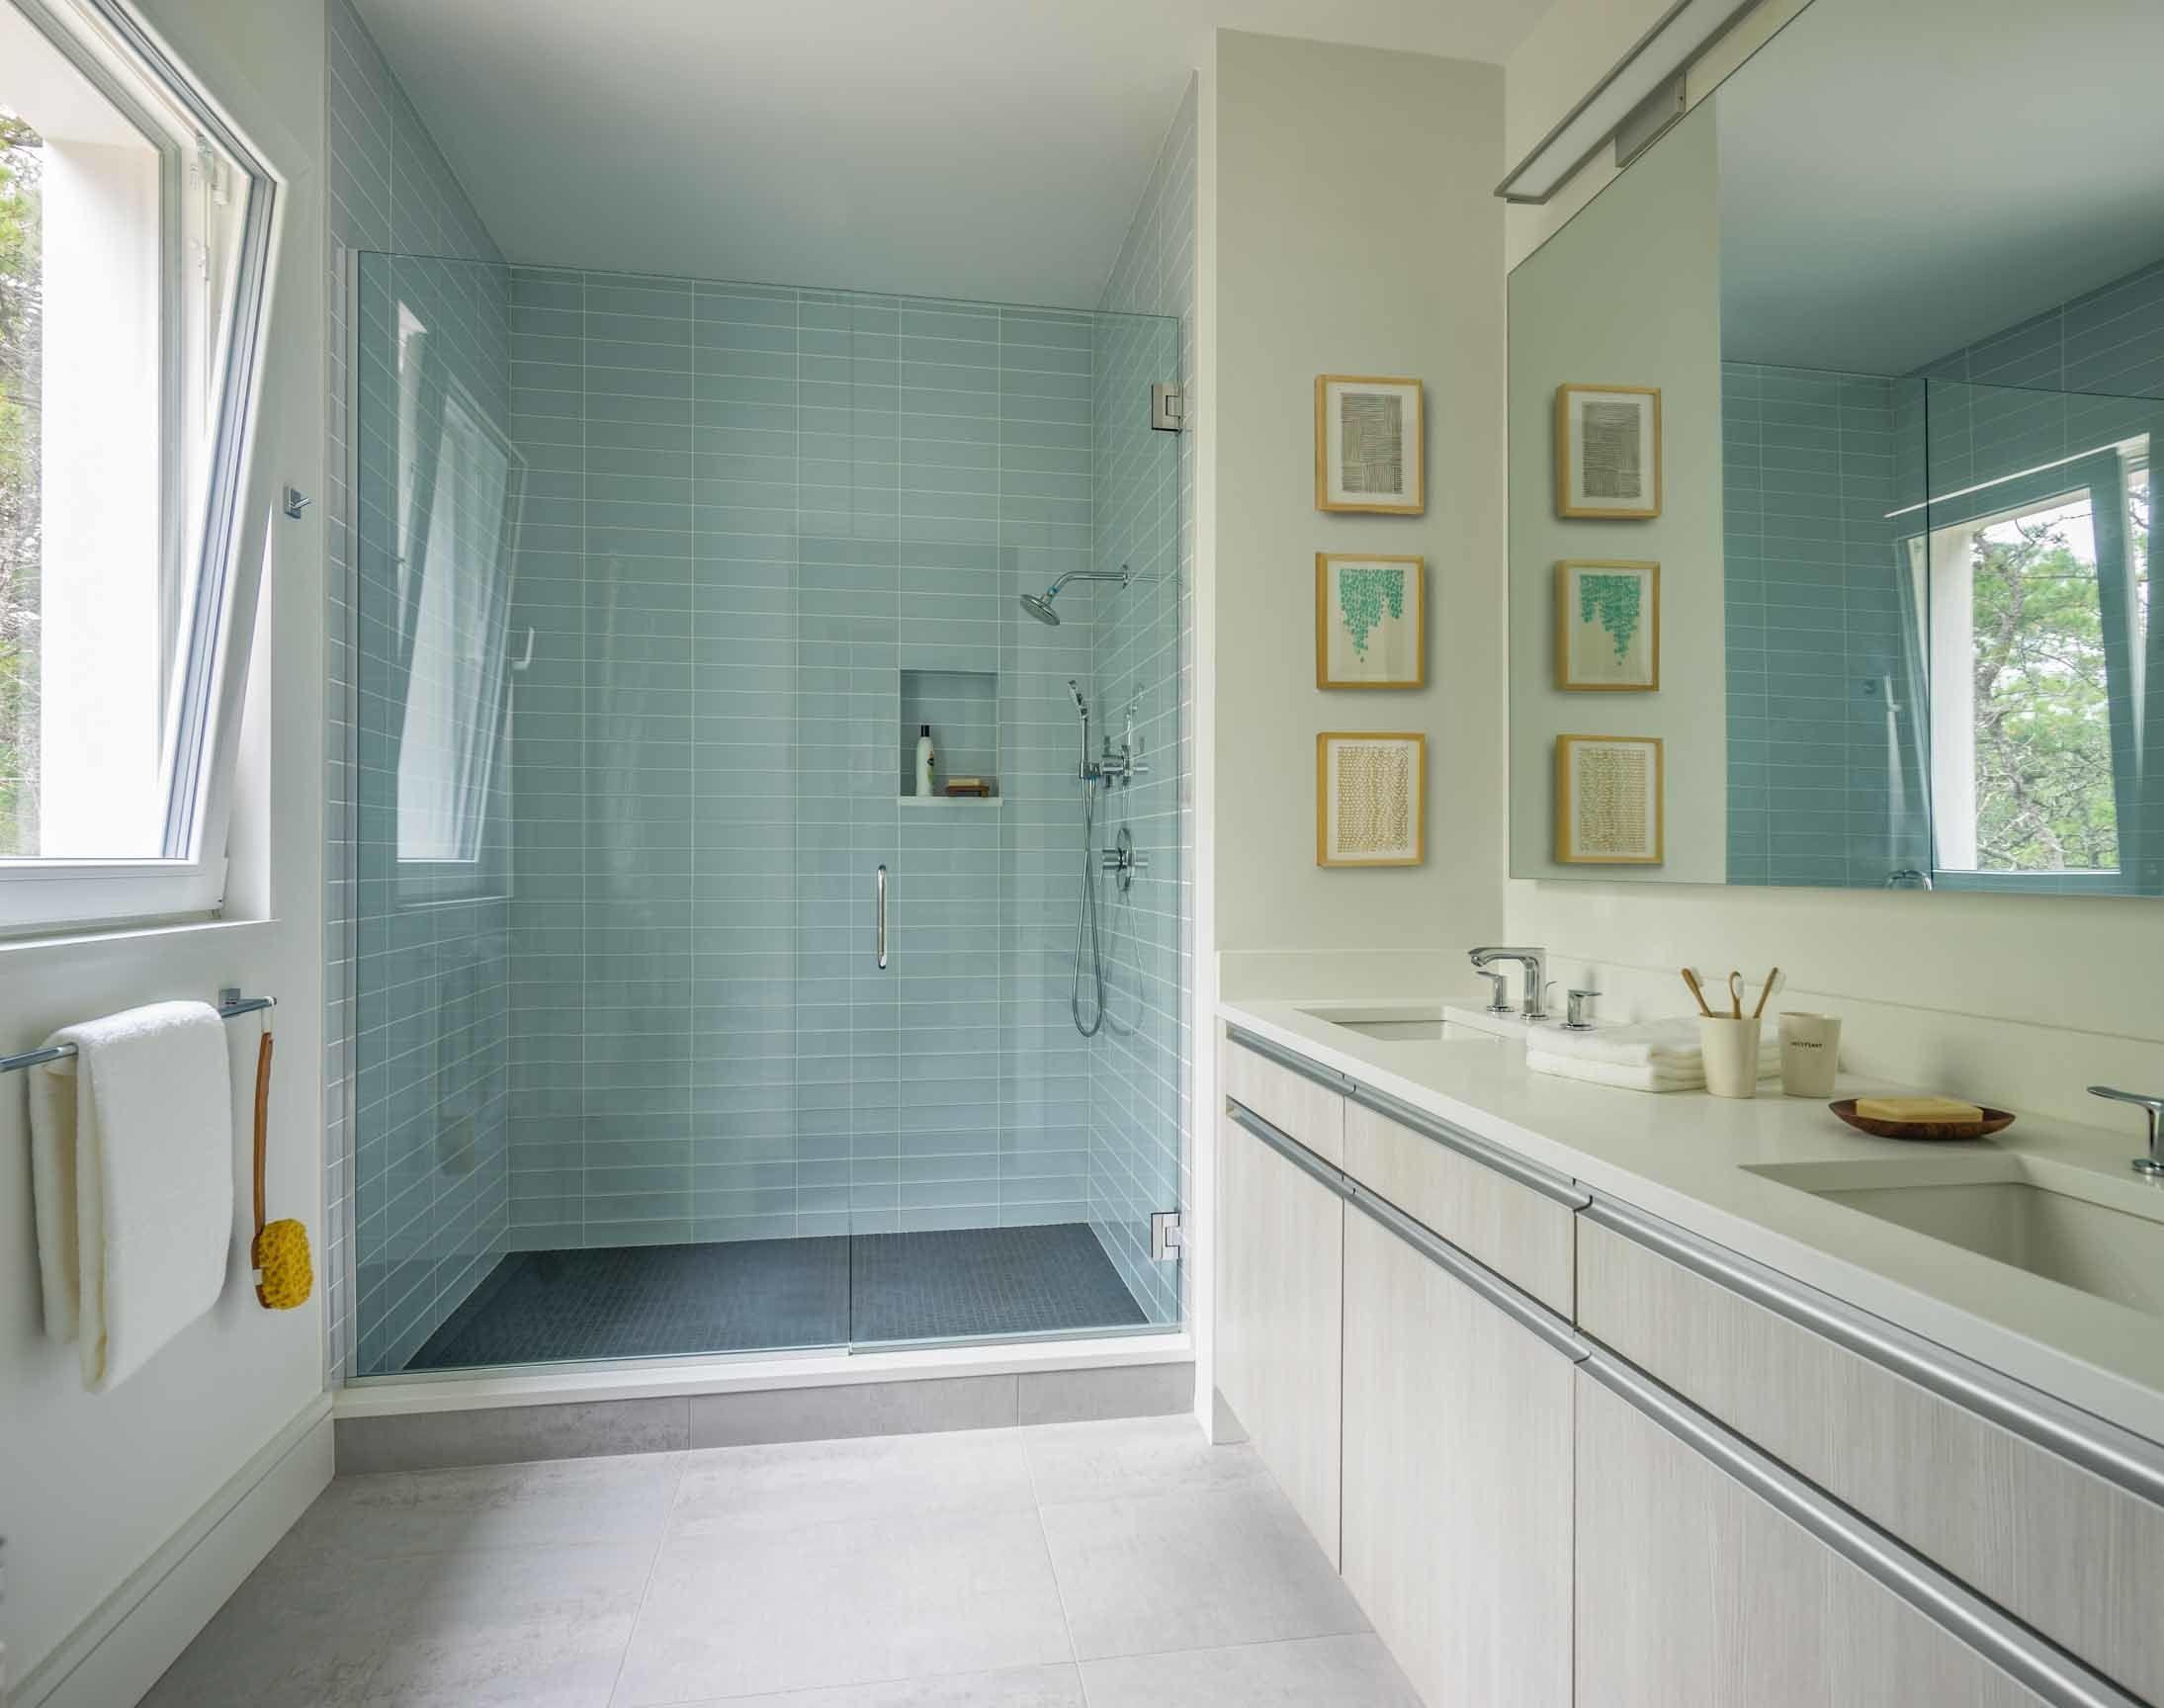 Best bathroom interior best photos from wellfleet modern  modern and interiors